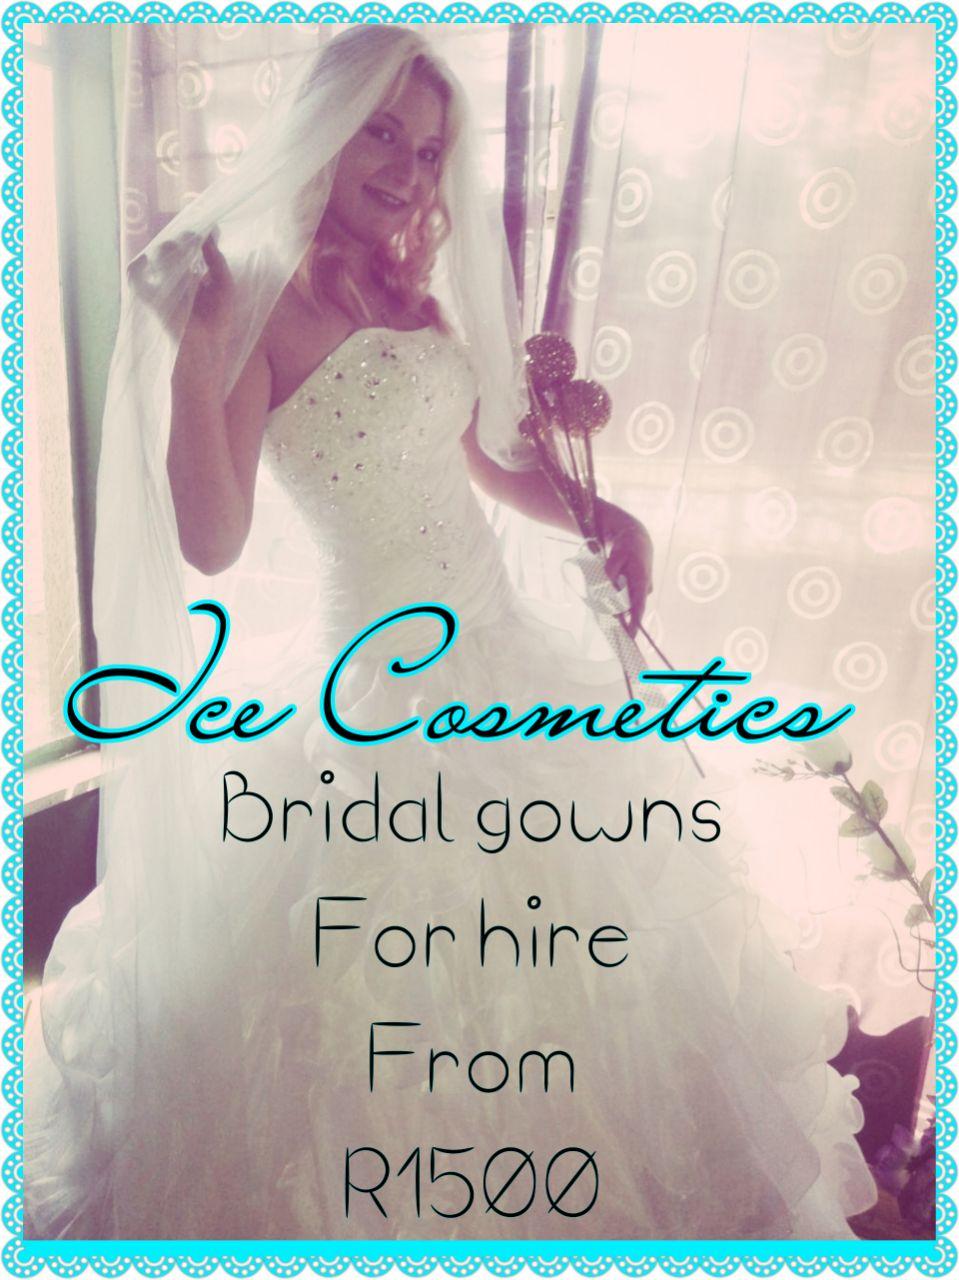 Brand New Beautiful Wedding Gown Rentals in Randfontein R950